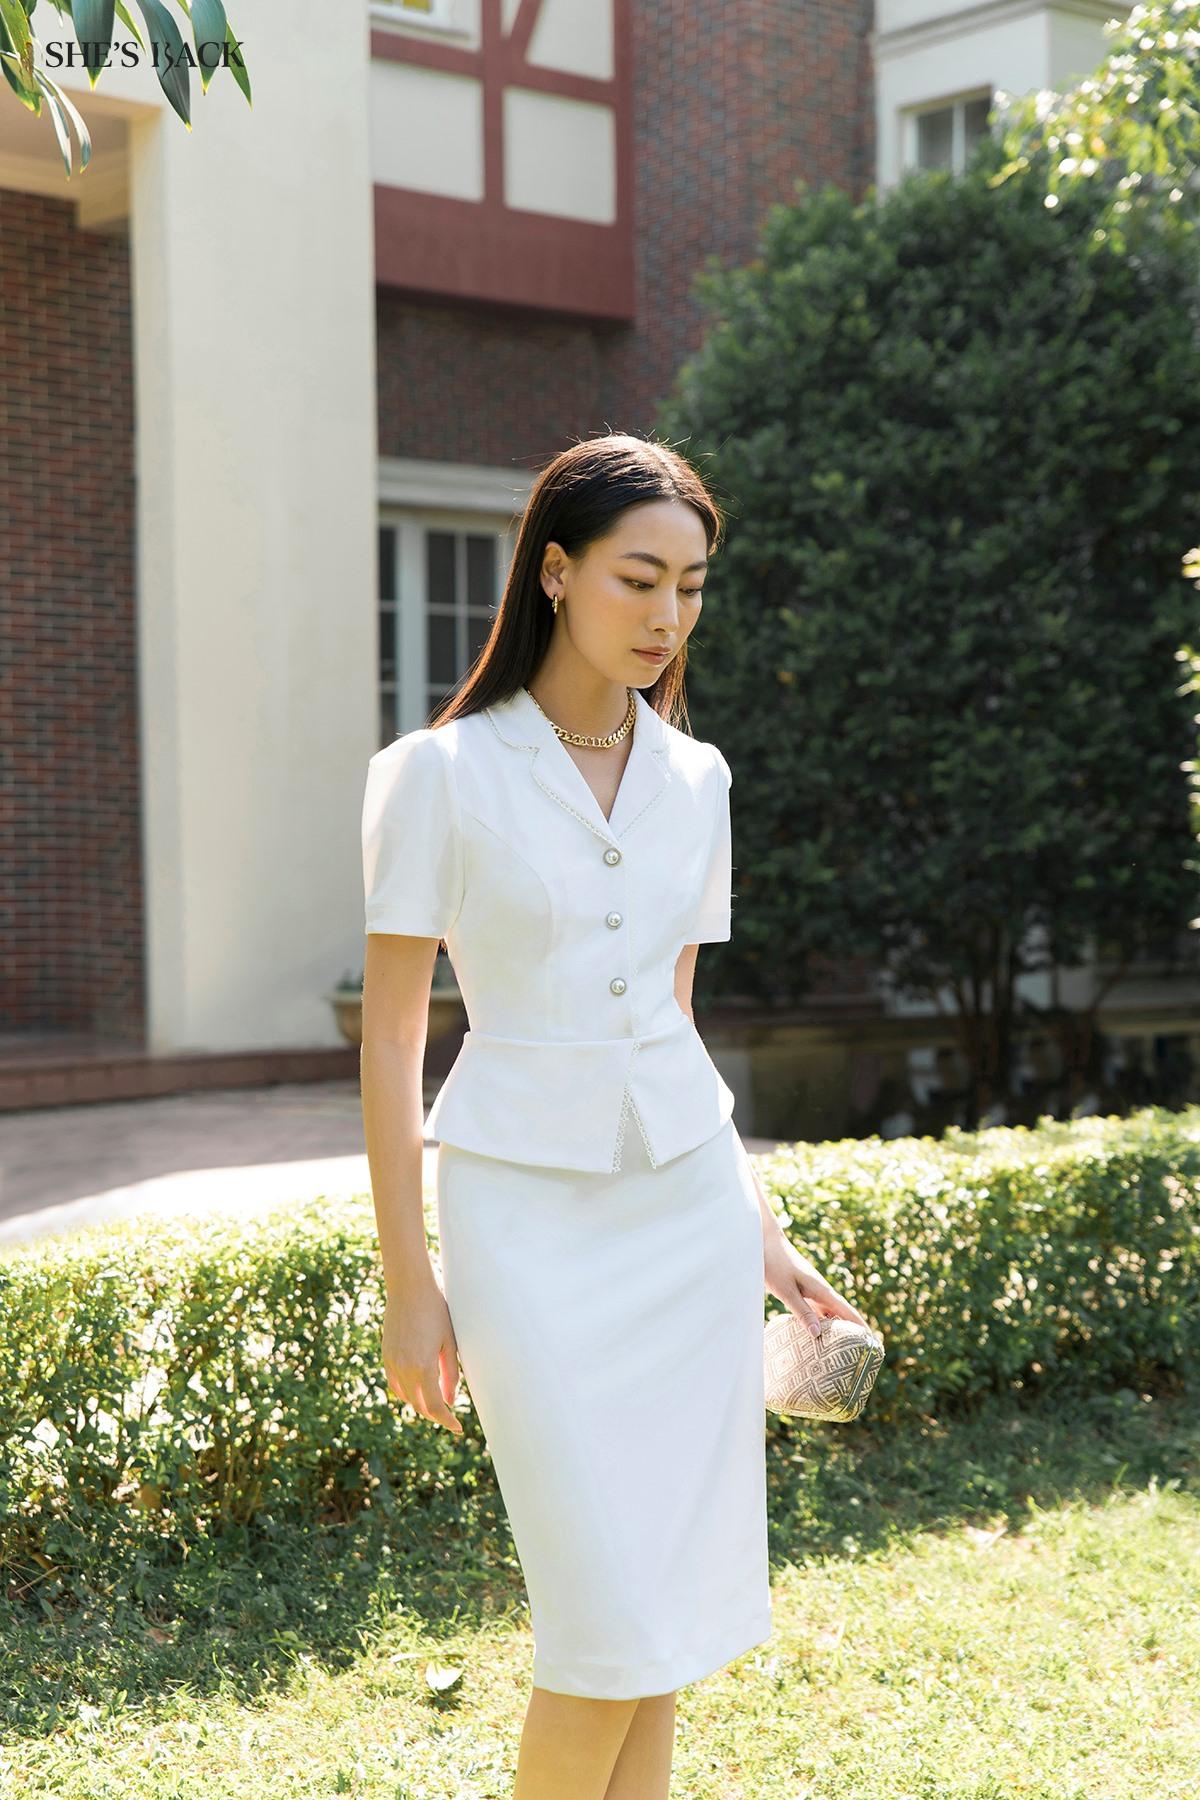 5 địa chỉ sắm váy trắng xinh lung linh cho các nàng diện đẹp dịp Tất niên cuối năm  - Ảnh 1.